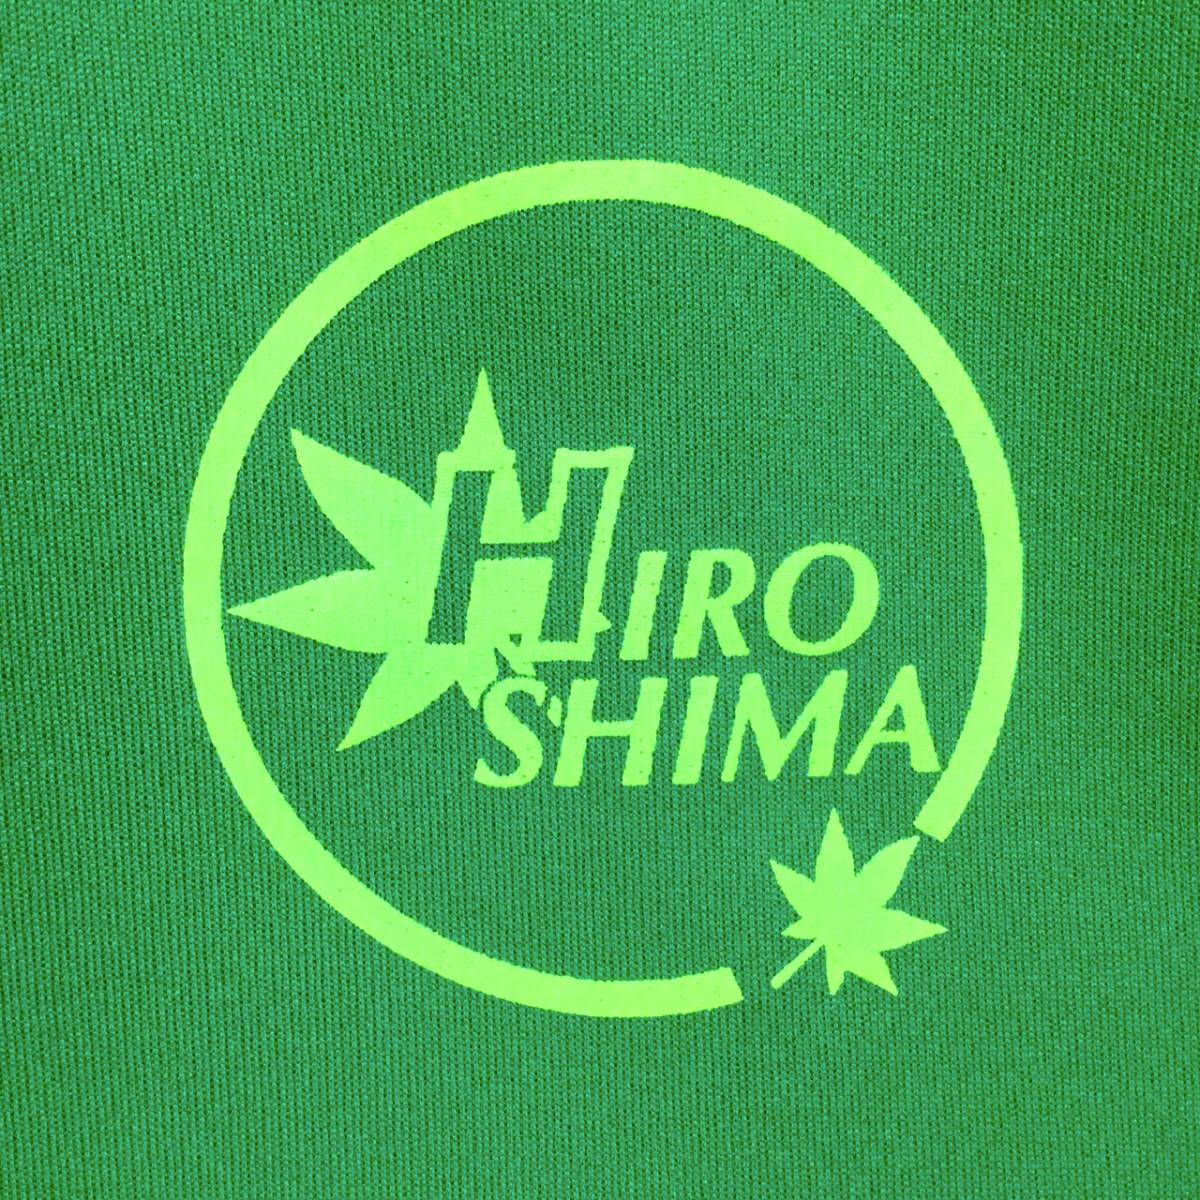 ドライTシャツ 広島ロゴ グリーン生地 XLサイズ_画像3